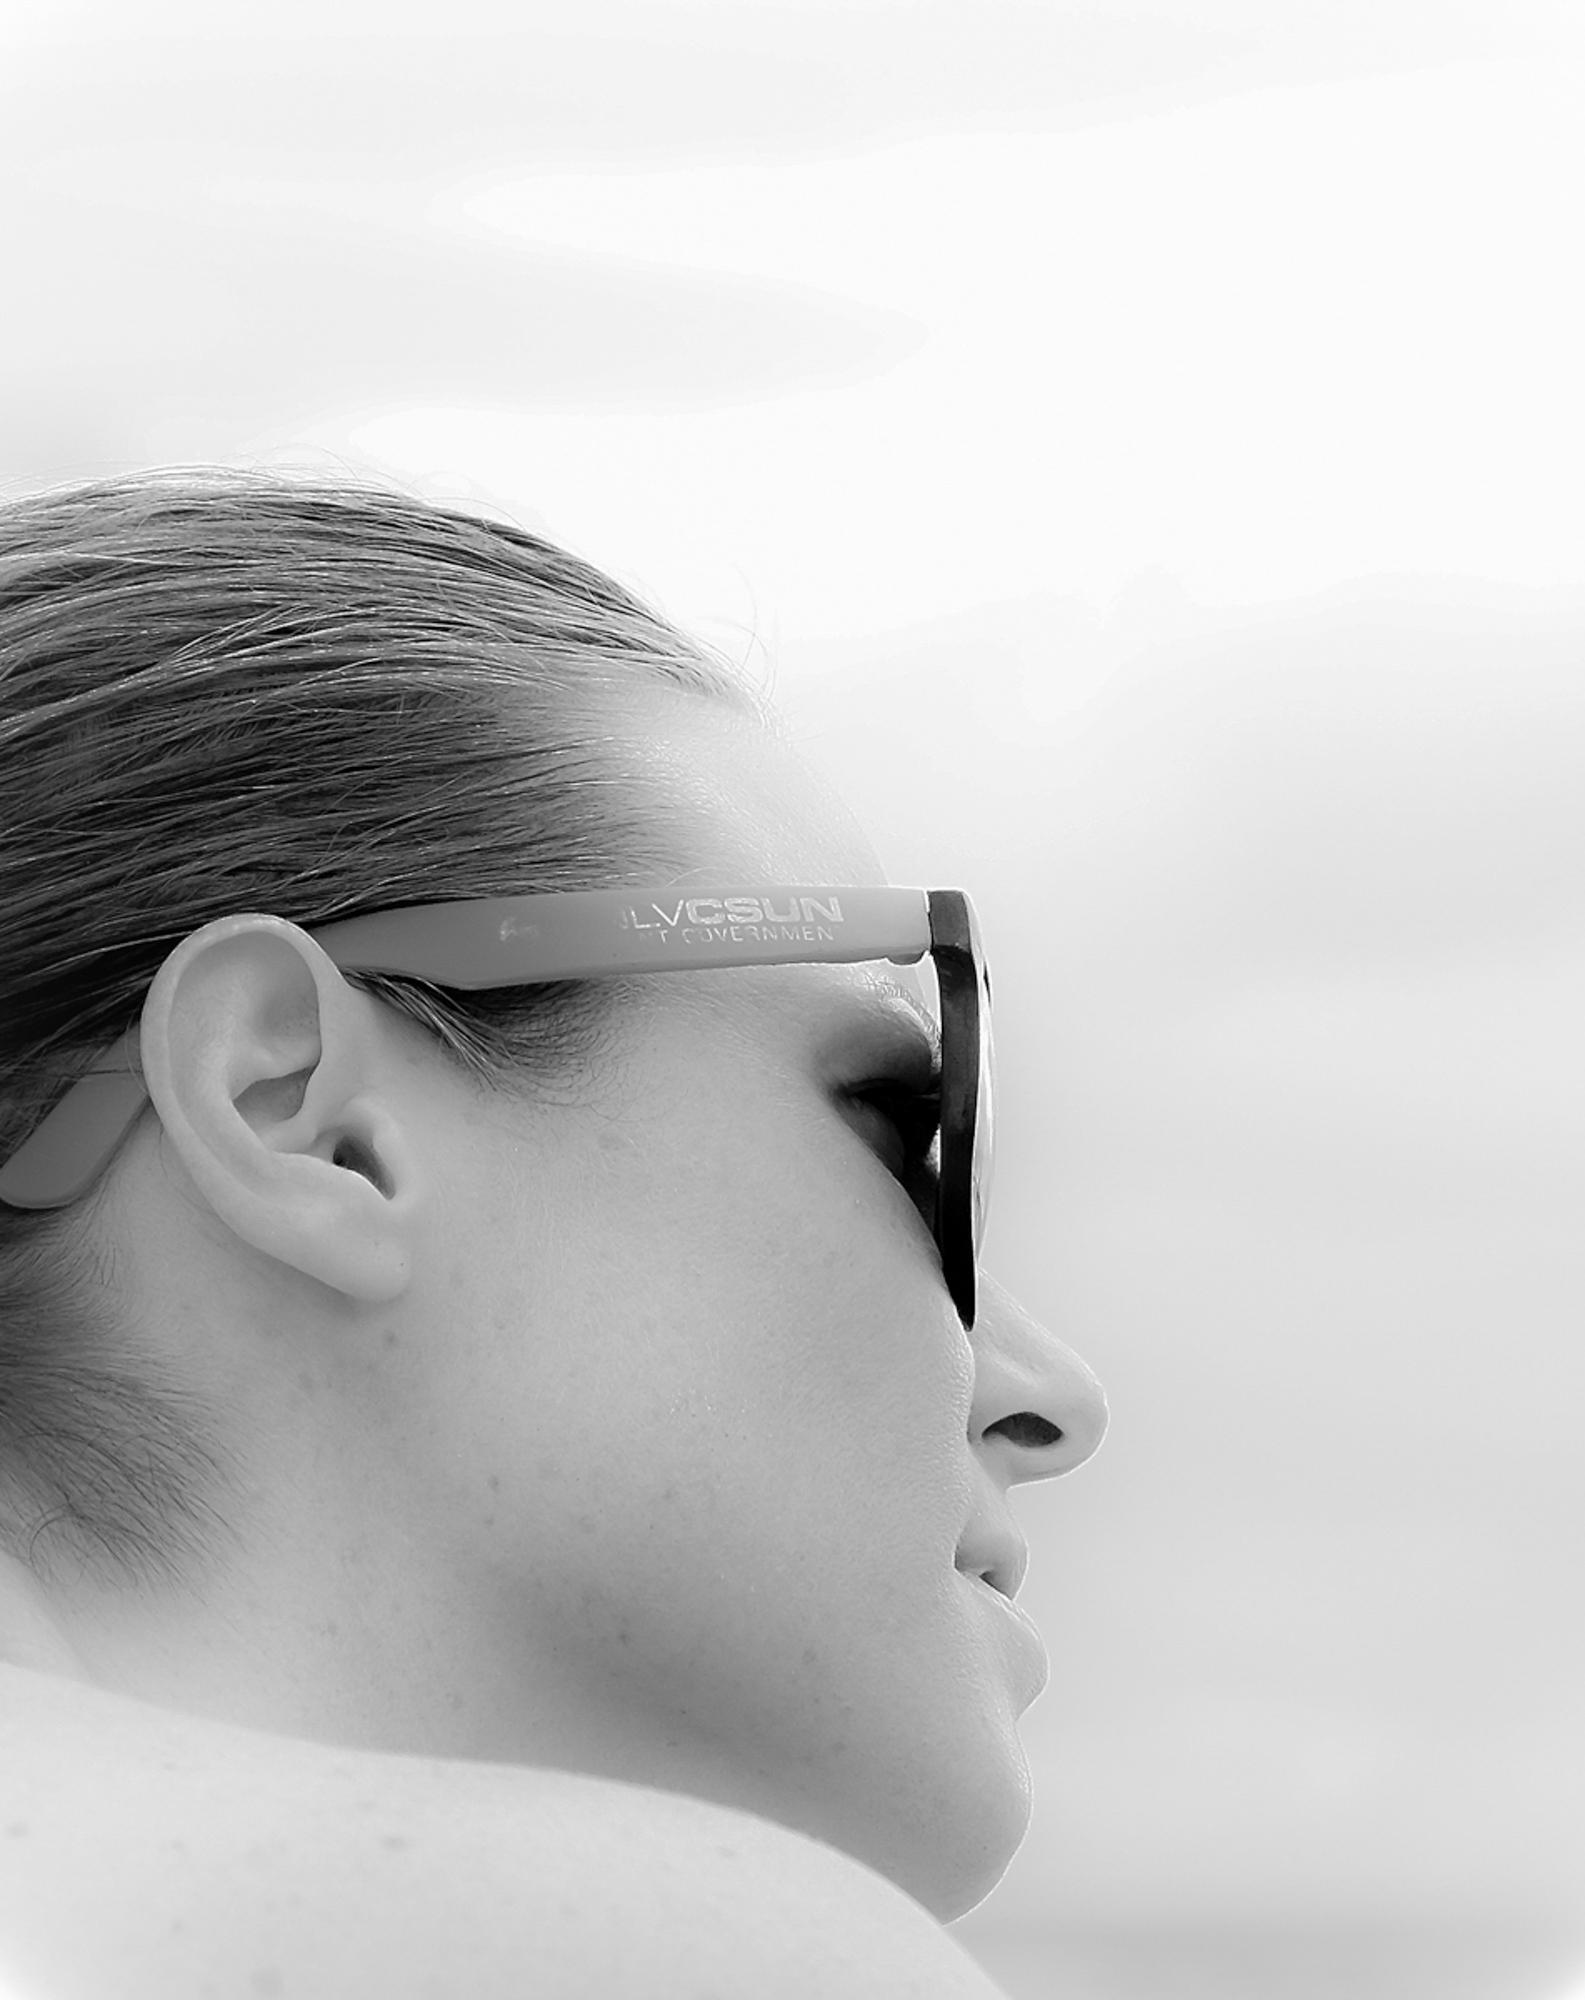 sm_sarah-beach-profile-b&w-dscf1857.jpg